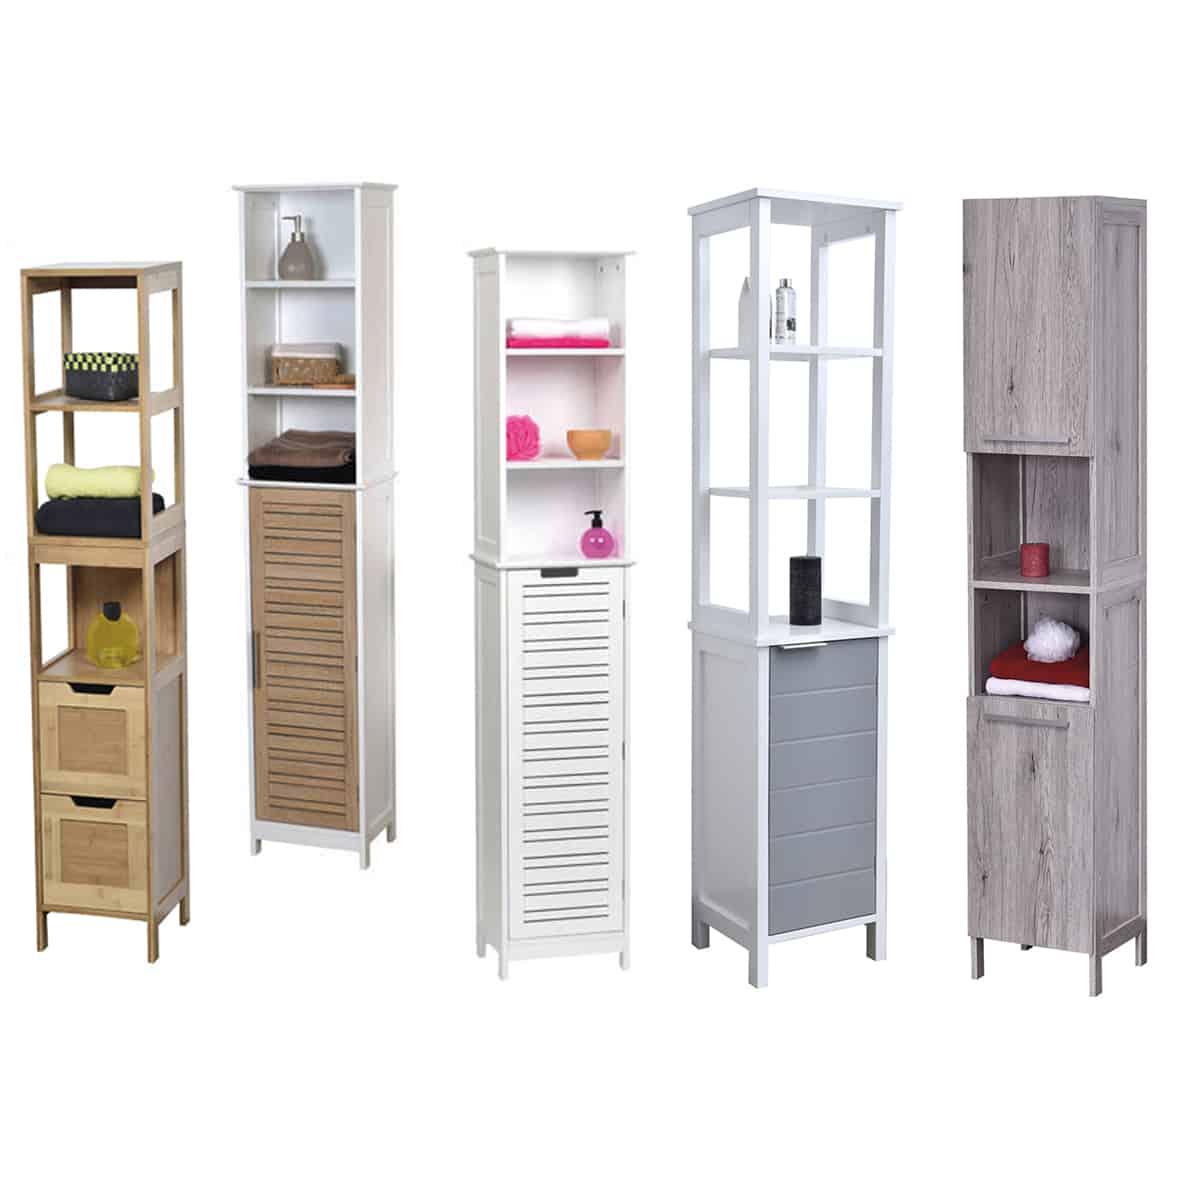 Bath Floor Cabinet Linen Tower 2 Doors- 2 Shelves Oslo ...